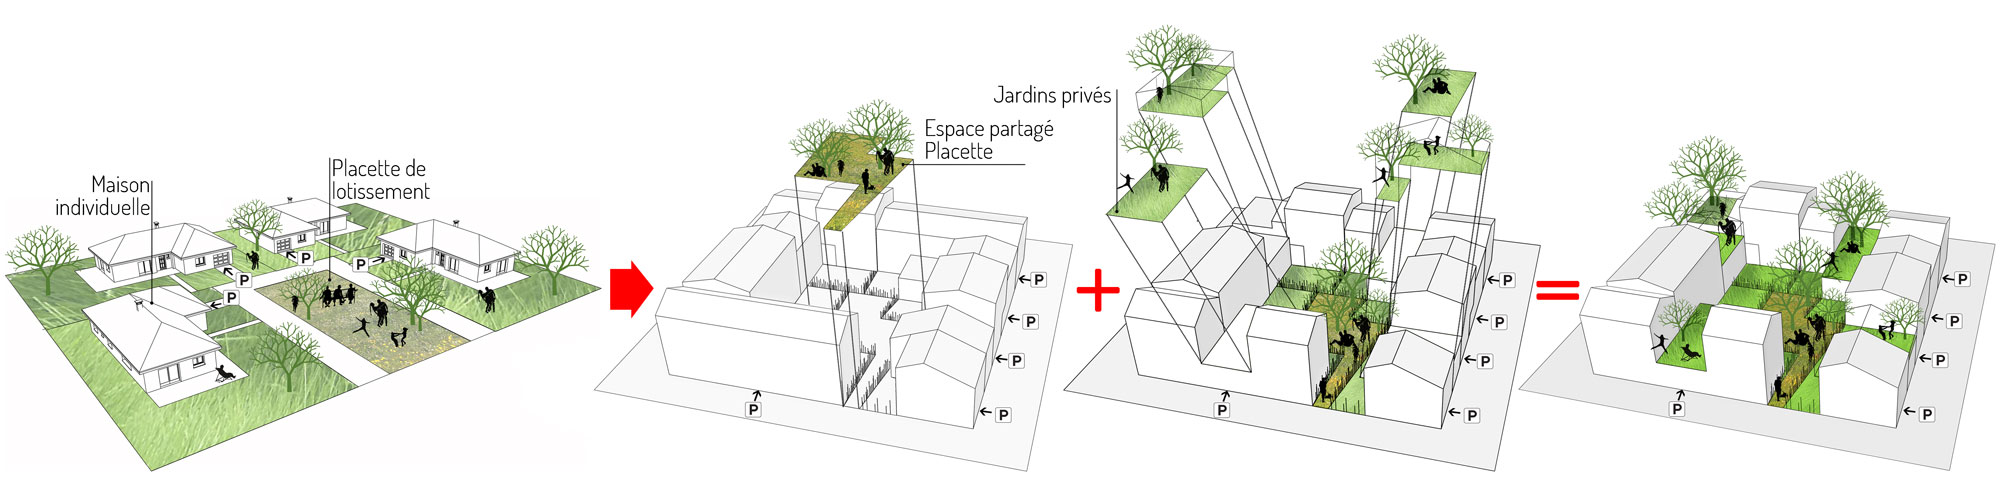 Le projet de restructuration vise à recréer des lieux de rencontre pour tous à l'échelle de l'îlot. Pour cela, le cœur d'îlot est redécoupé afin de hiérarchiser différents types d'espaces extérieurs: le jardin individuel, la placette commune à tout le bloc, la venelle d'accès depuis l'espace public.